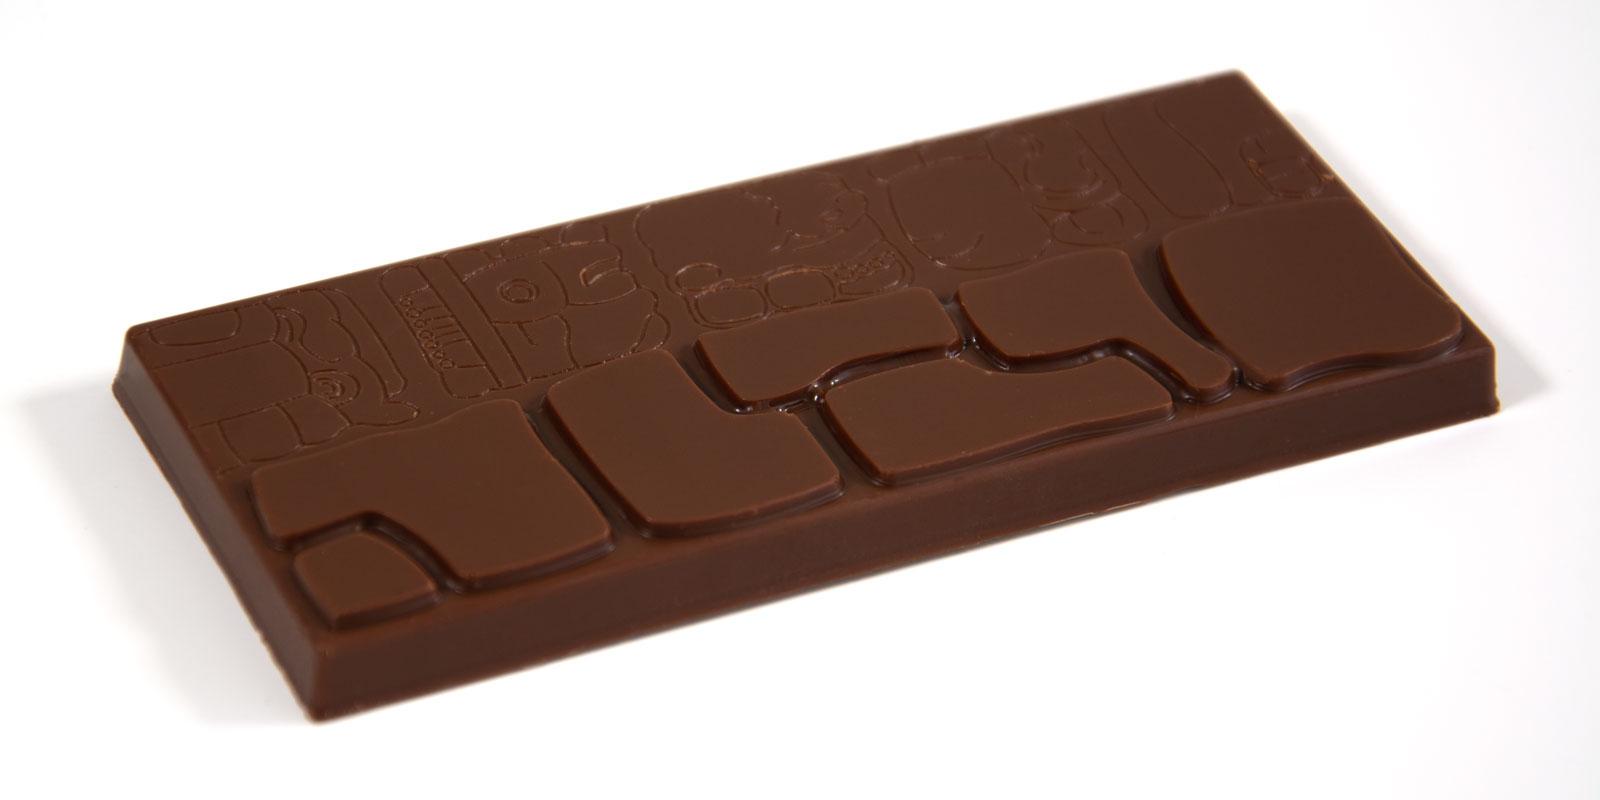 Barra de chocolate danta con decoración maya